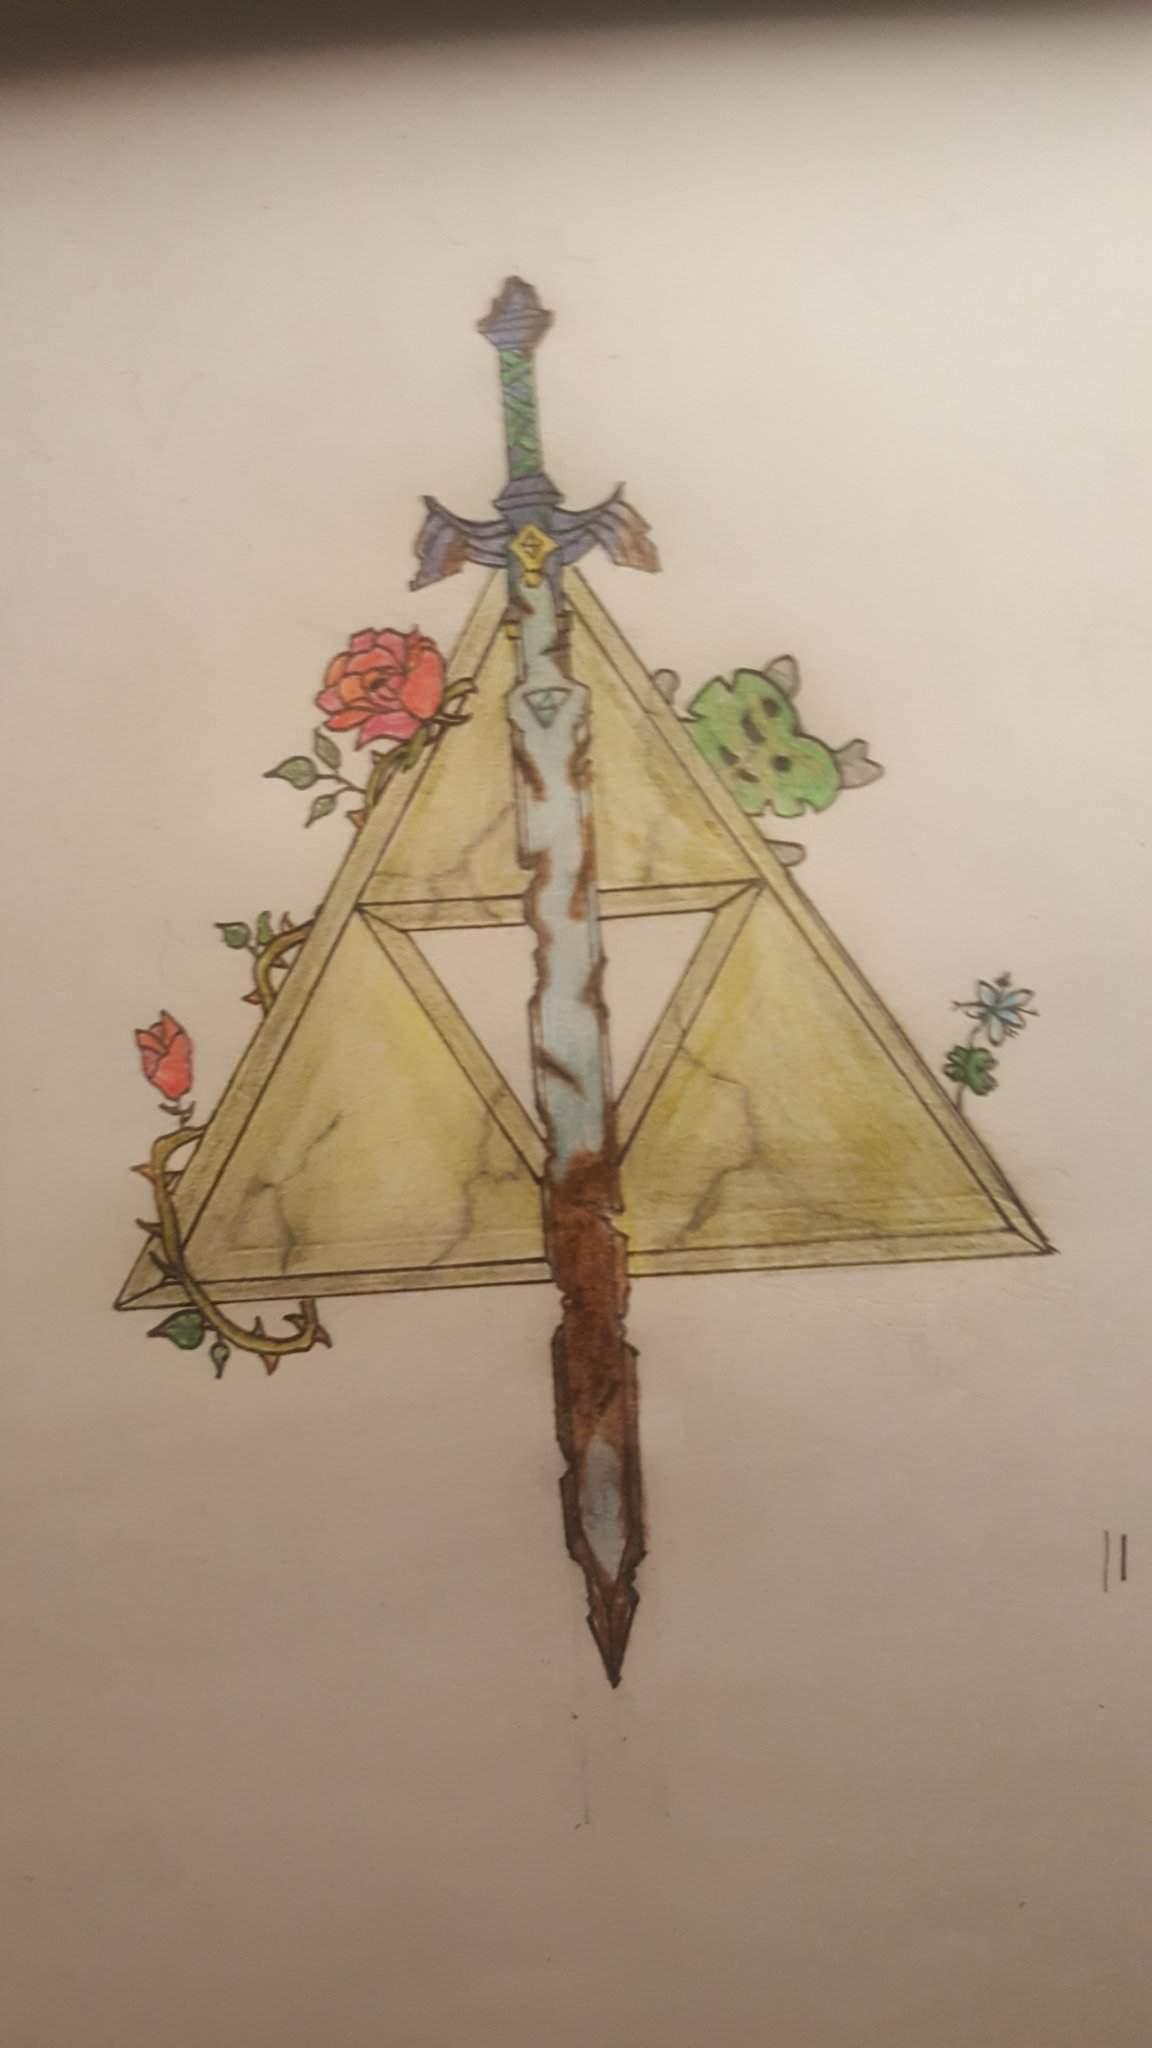 Dessin Theme Zelda The Legend Of Zelda Francais Amino